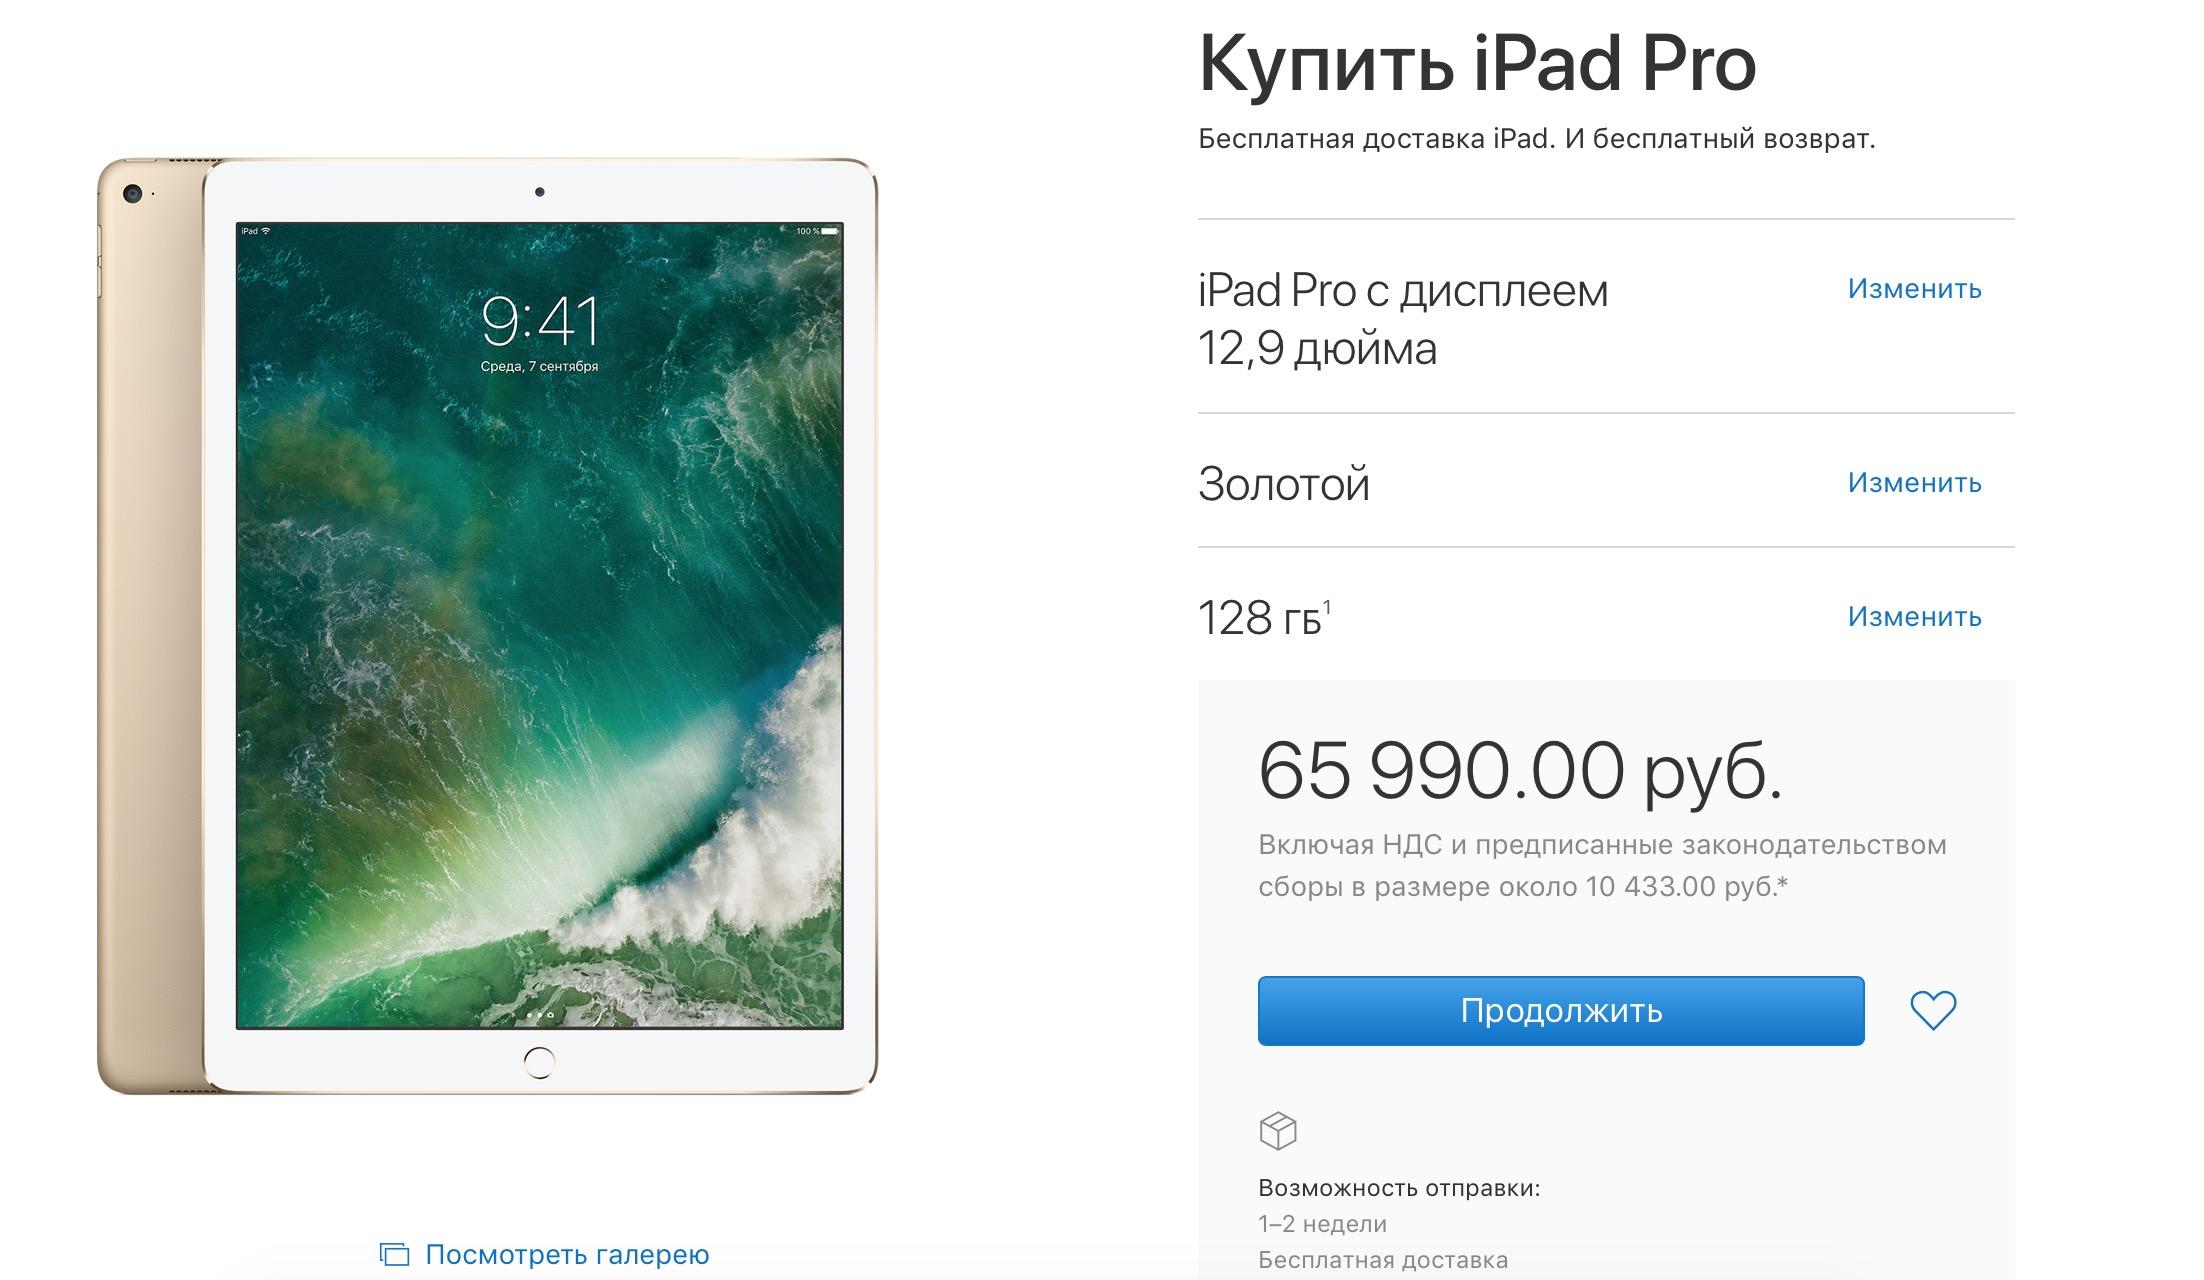 iPad Pro в дефиците: намек на скорое обновление?